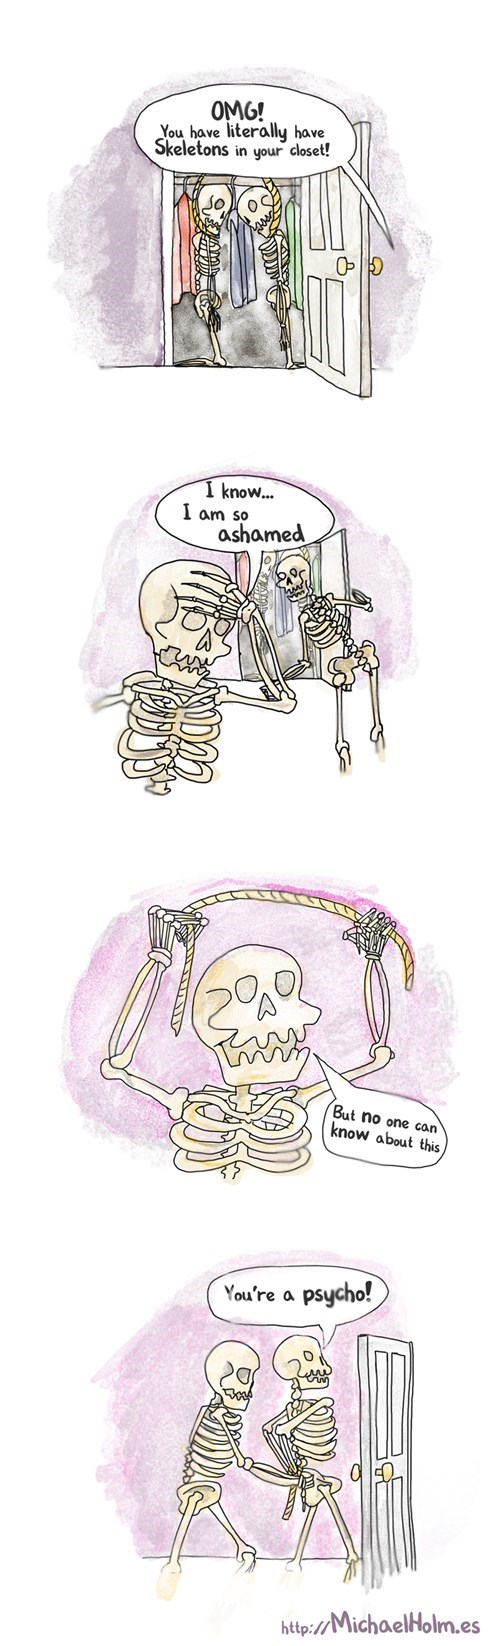 halloween,puns,skeleton war,skeletons,web comics